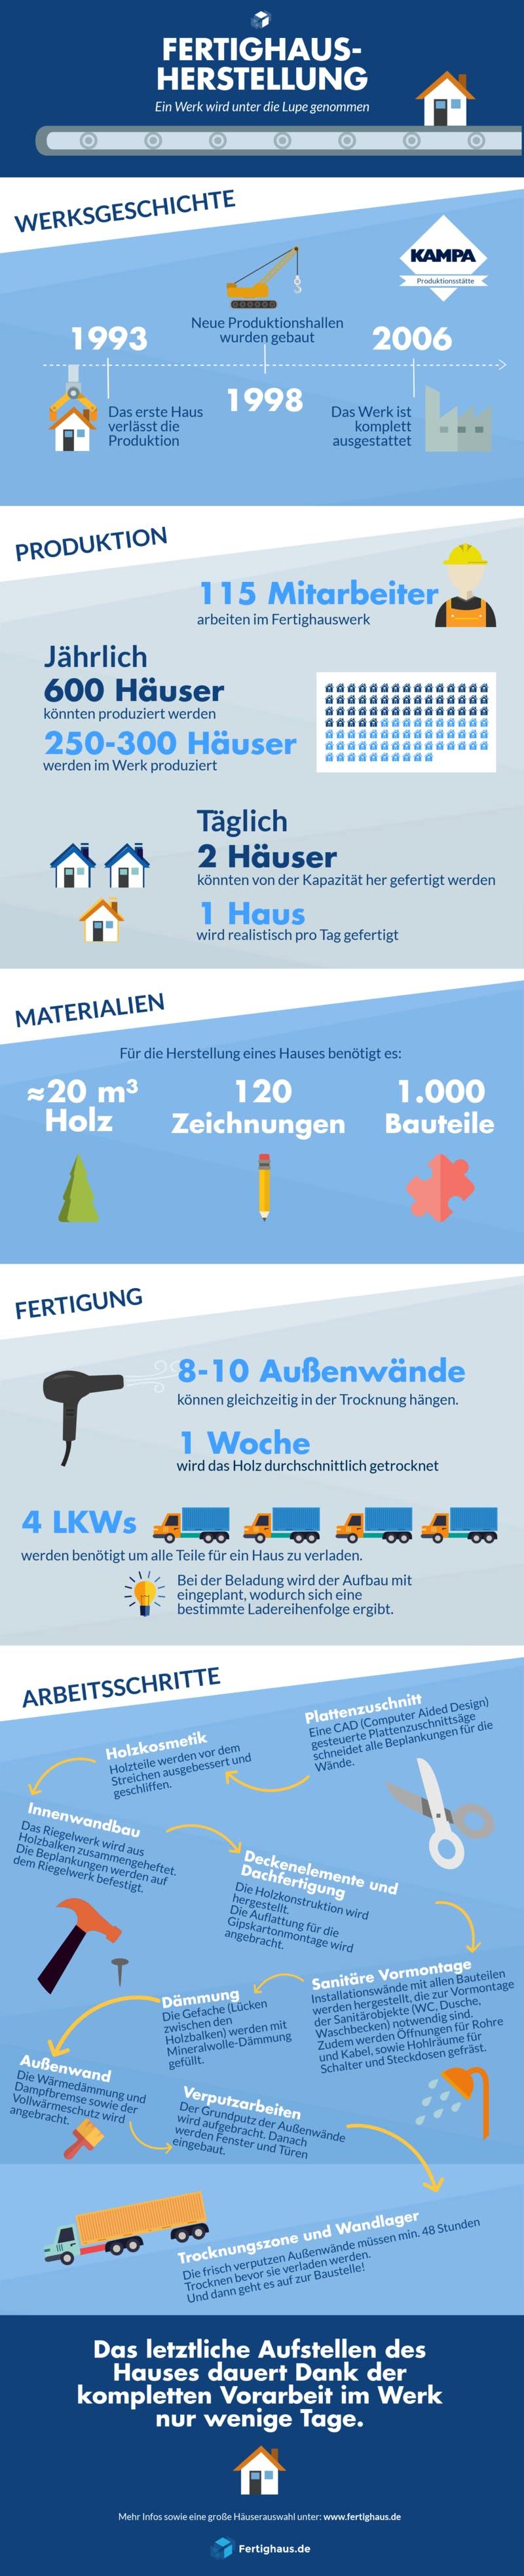 Infografik zu Ablauf und Ressourcen für die Fertighausproduktion